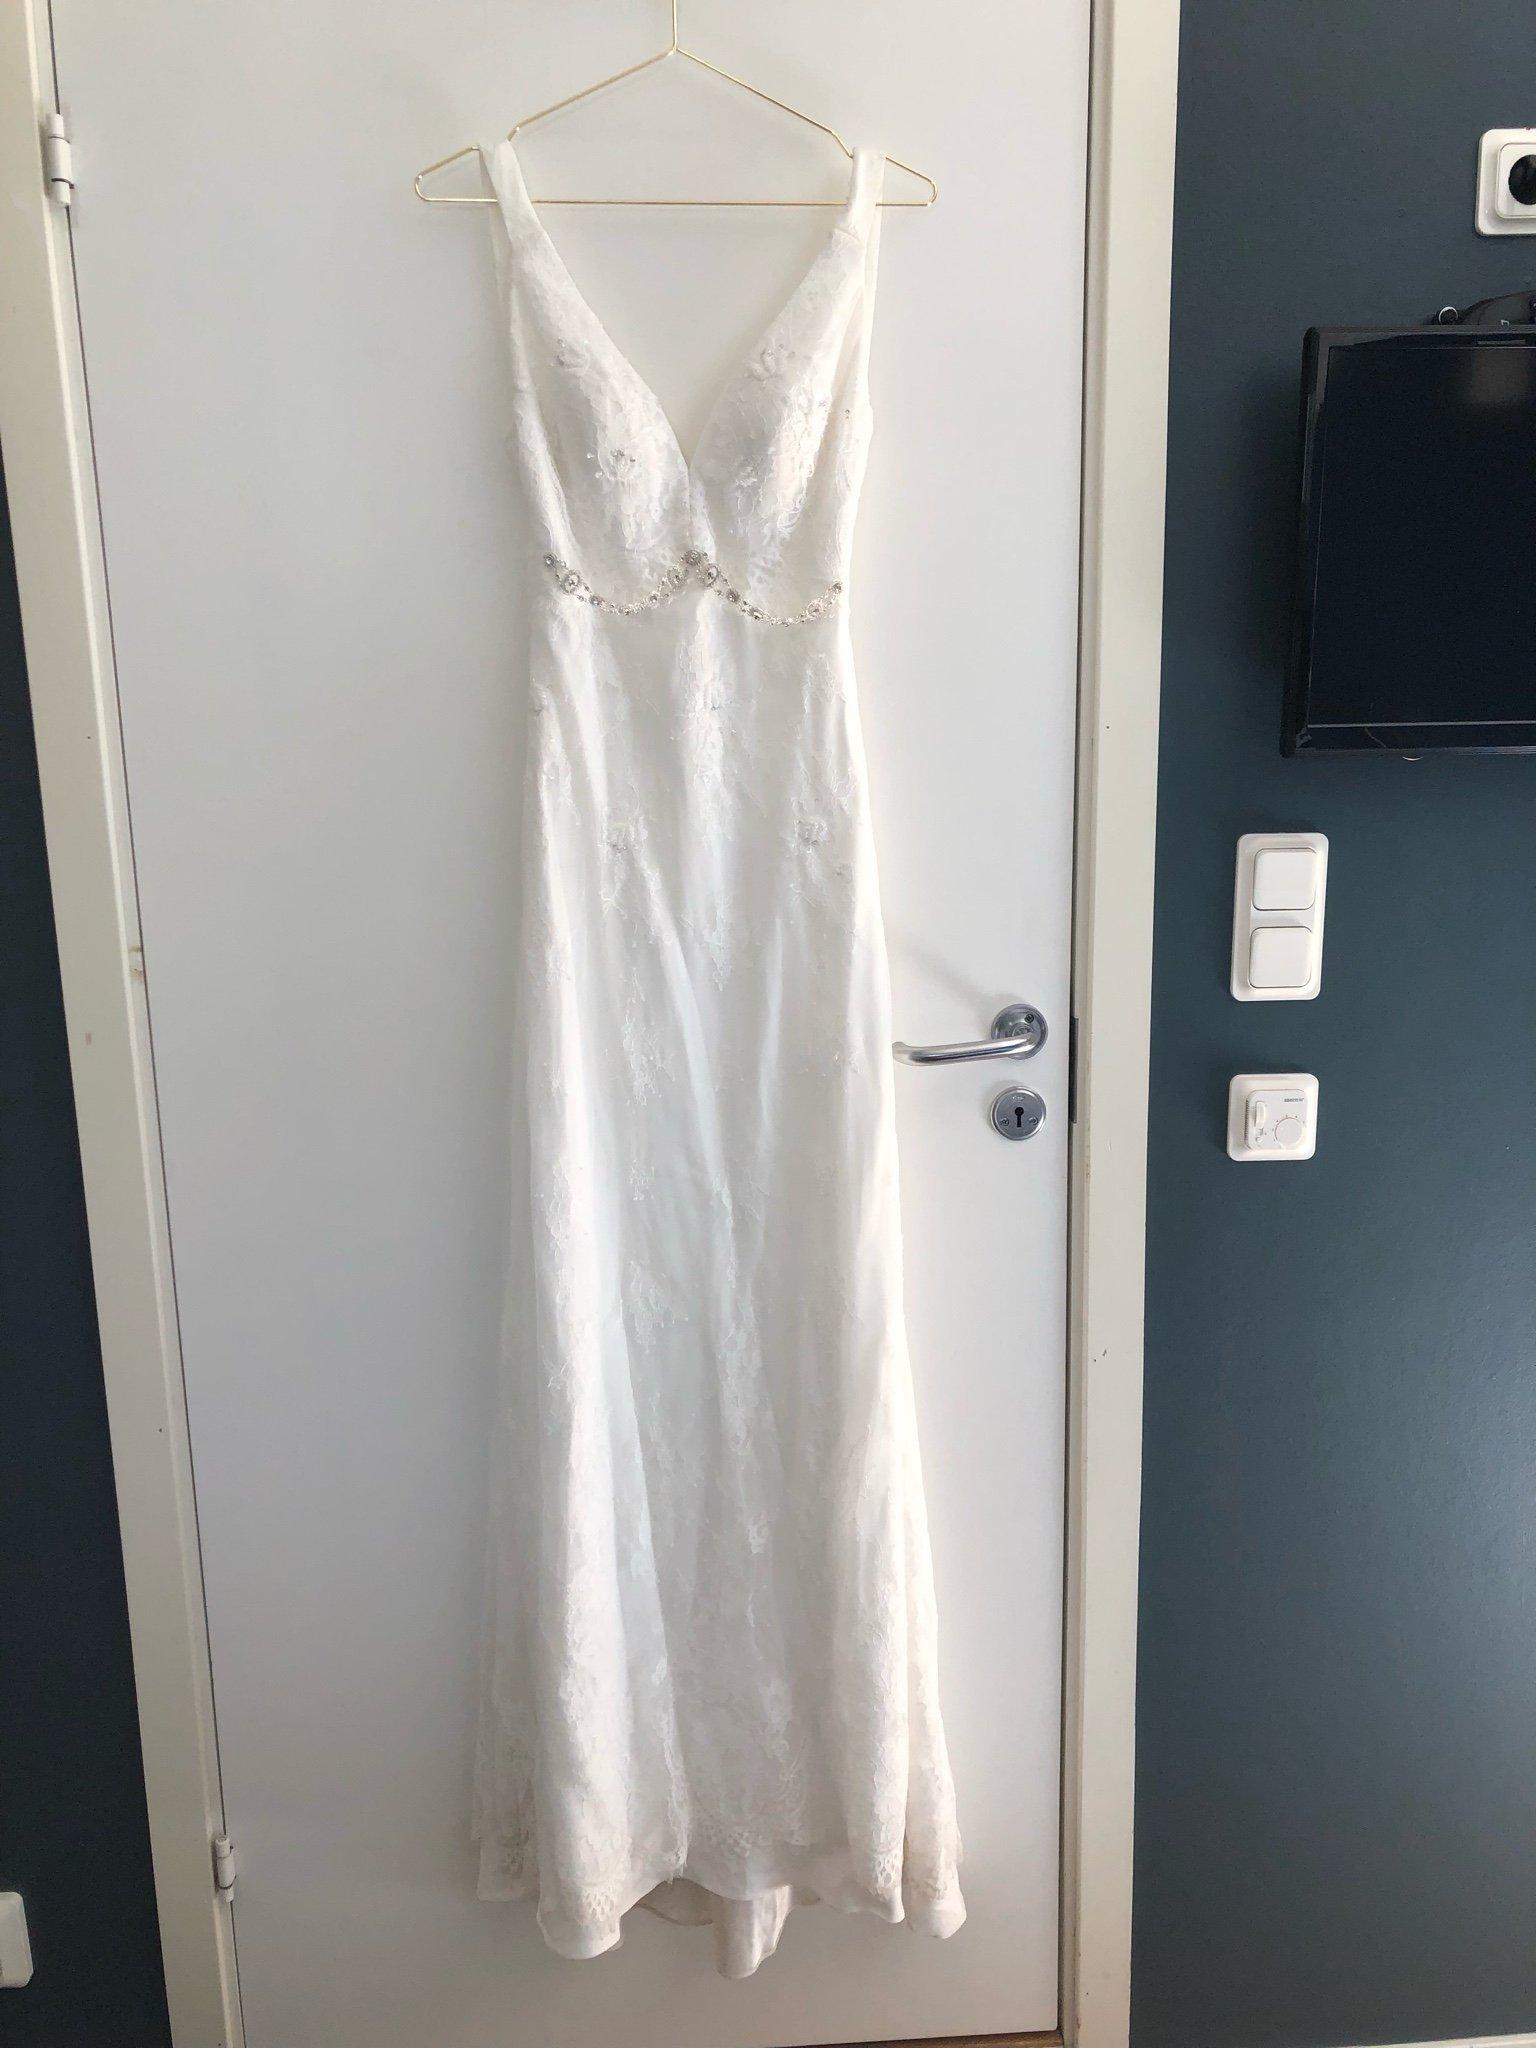 6d82ef13682a Brudklänning stl S (347438042) ᐈ Köp på Tradera